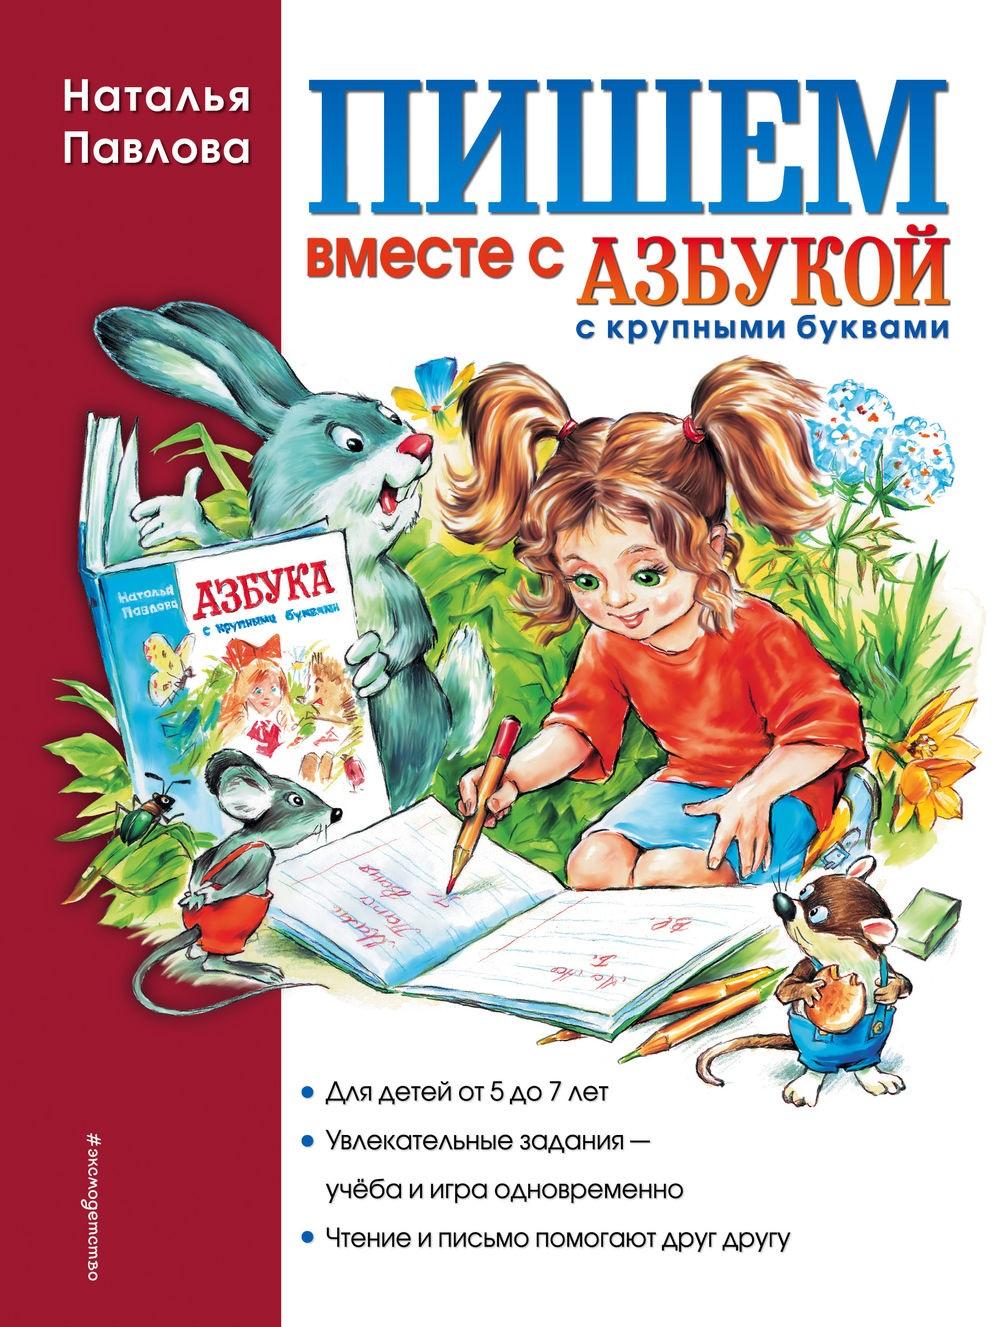 Купить Пишем вместе с 'Азбукой с крупными буквами', Наталья Павлова, 978-5-699-52640-6